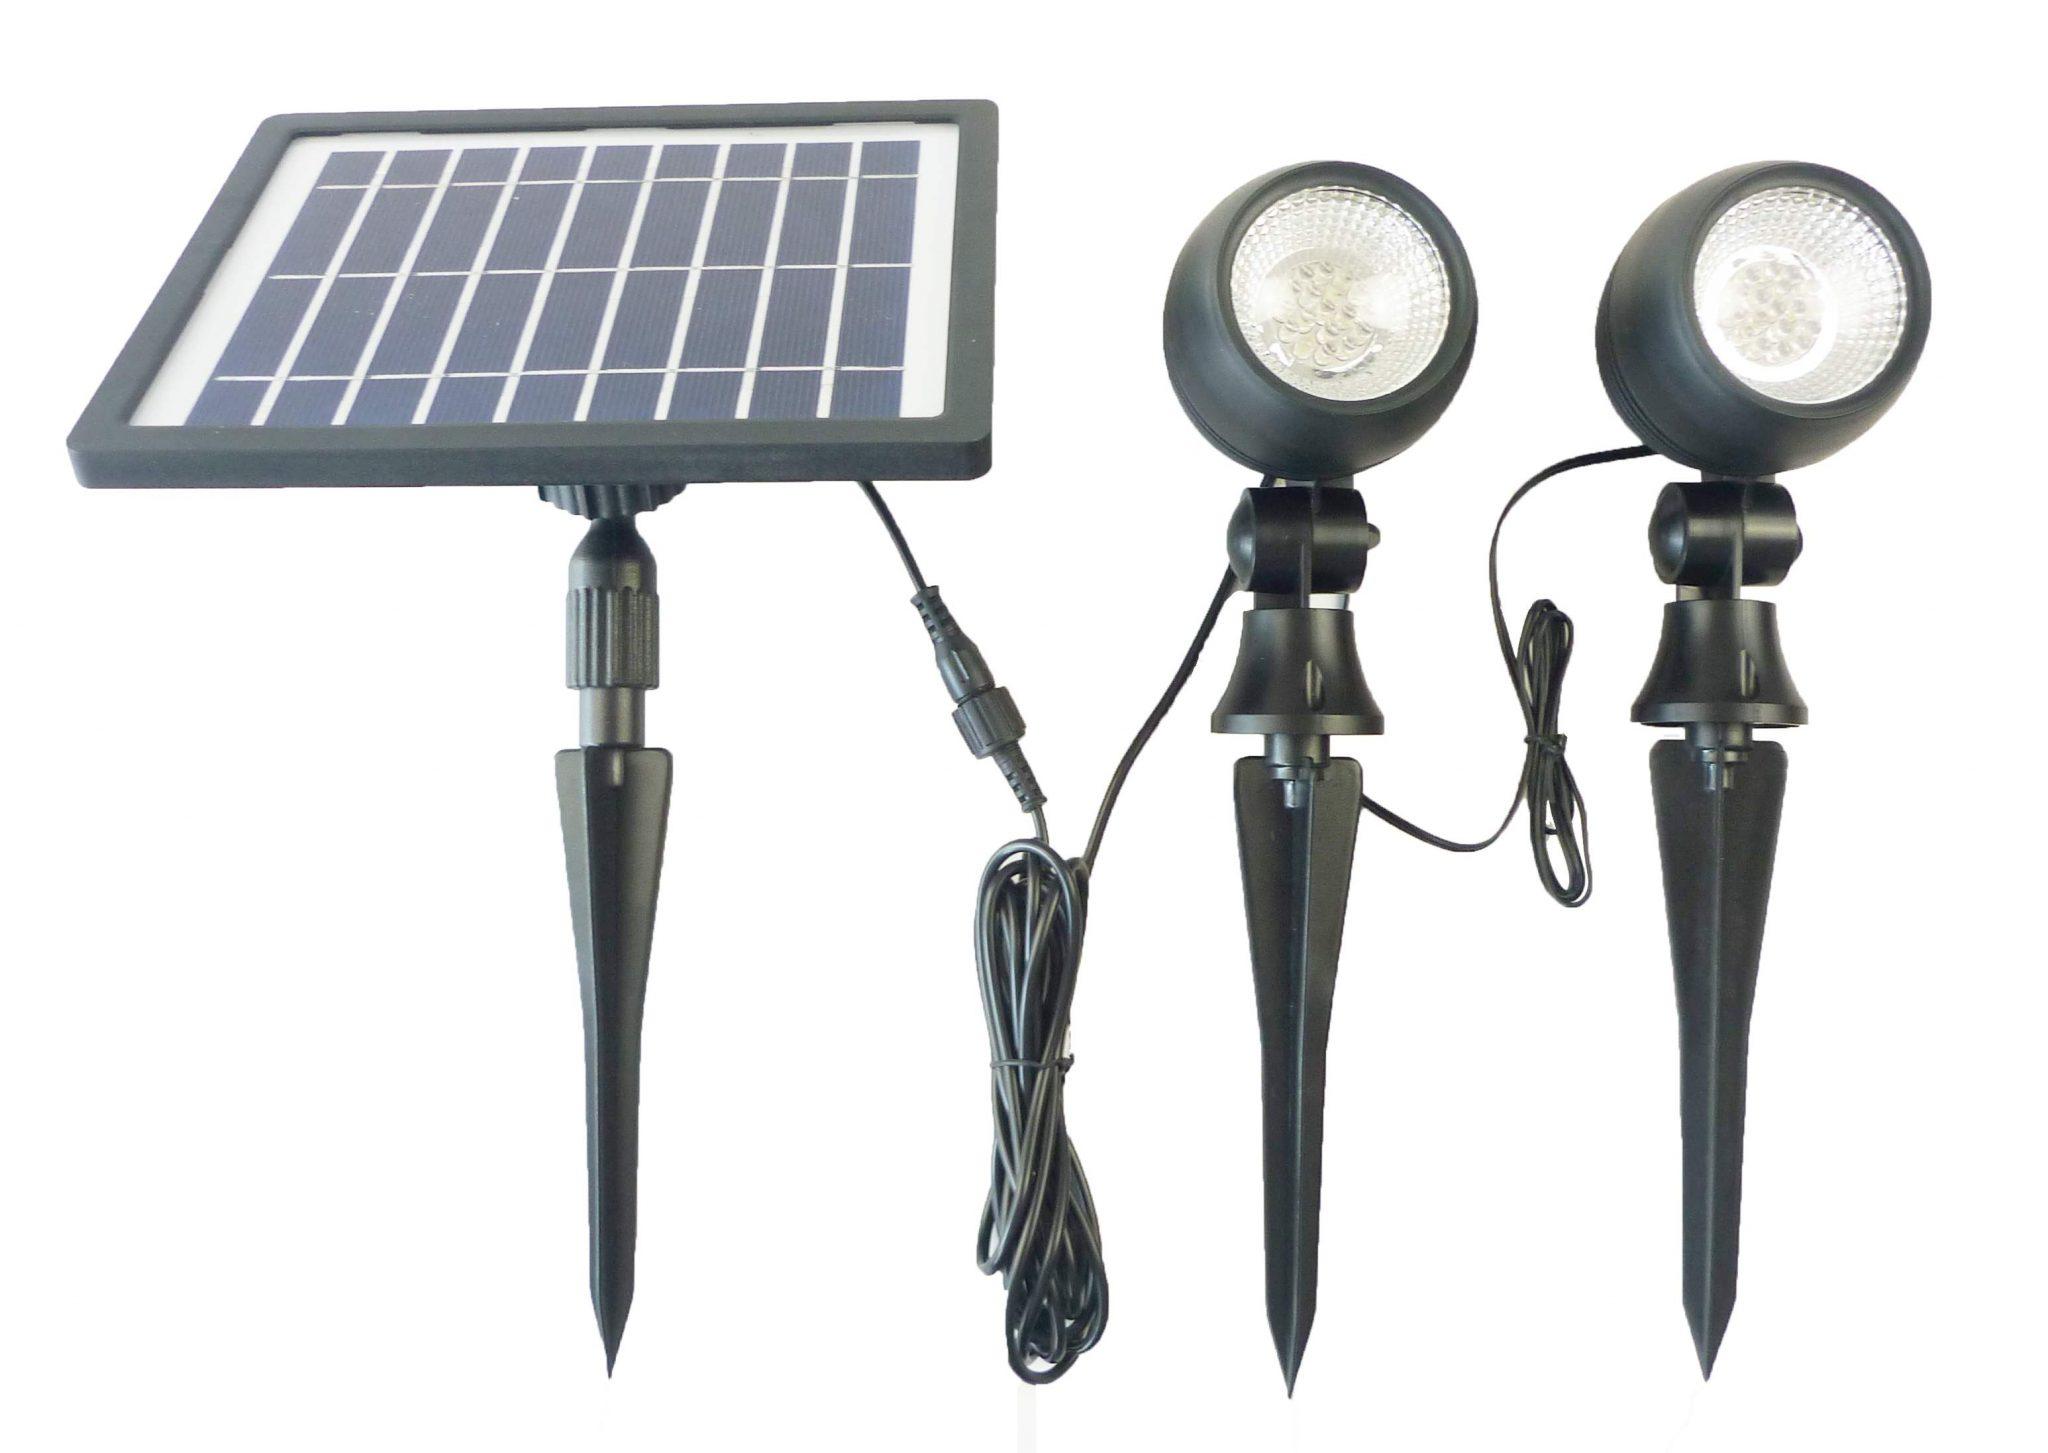 Pannello Solare Per Luce Scale : Faretto led esterno con pannello solare per giardino faro